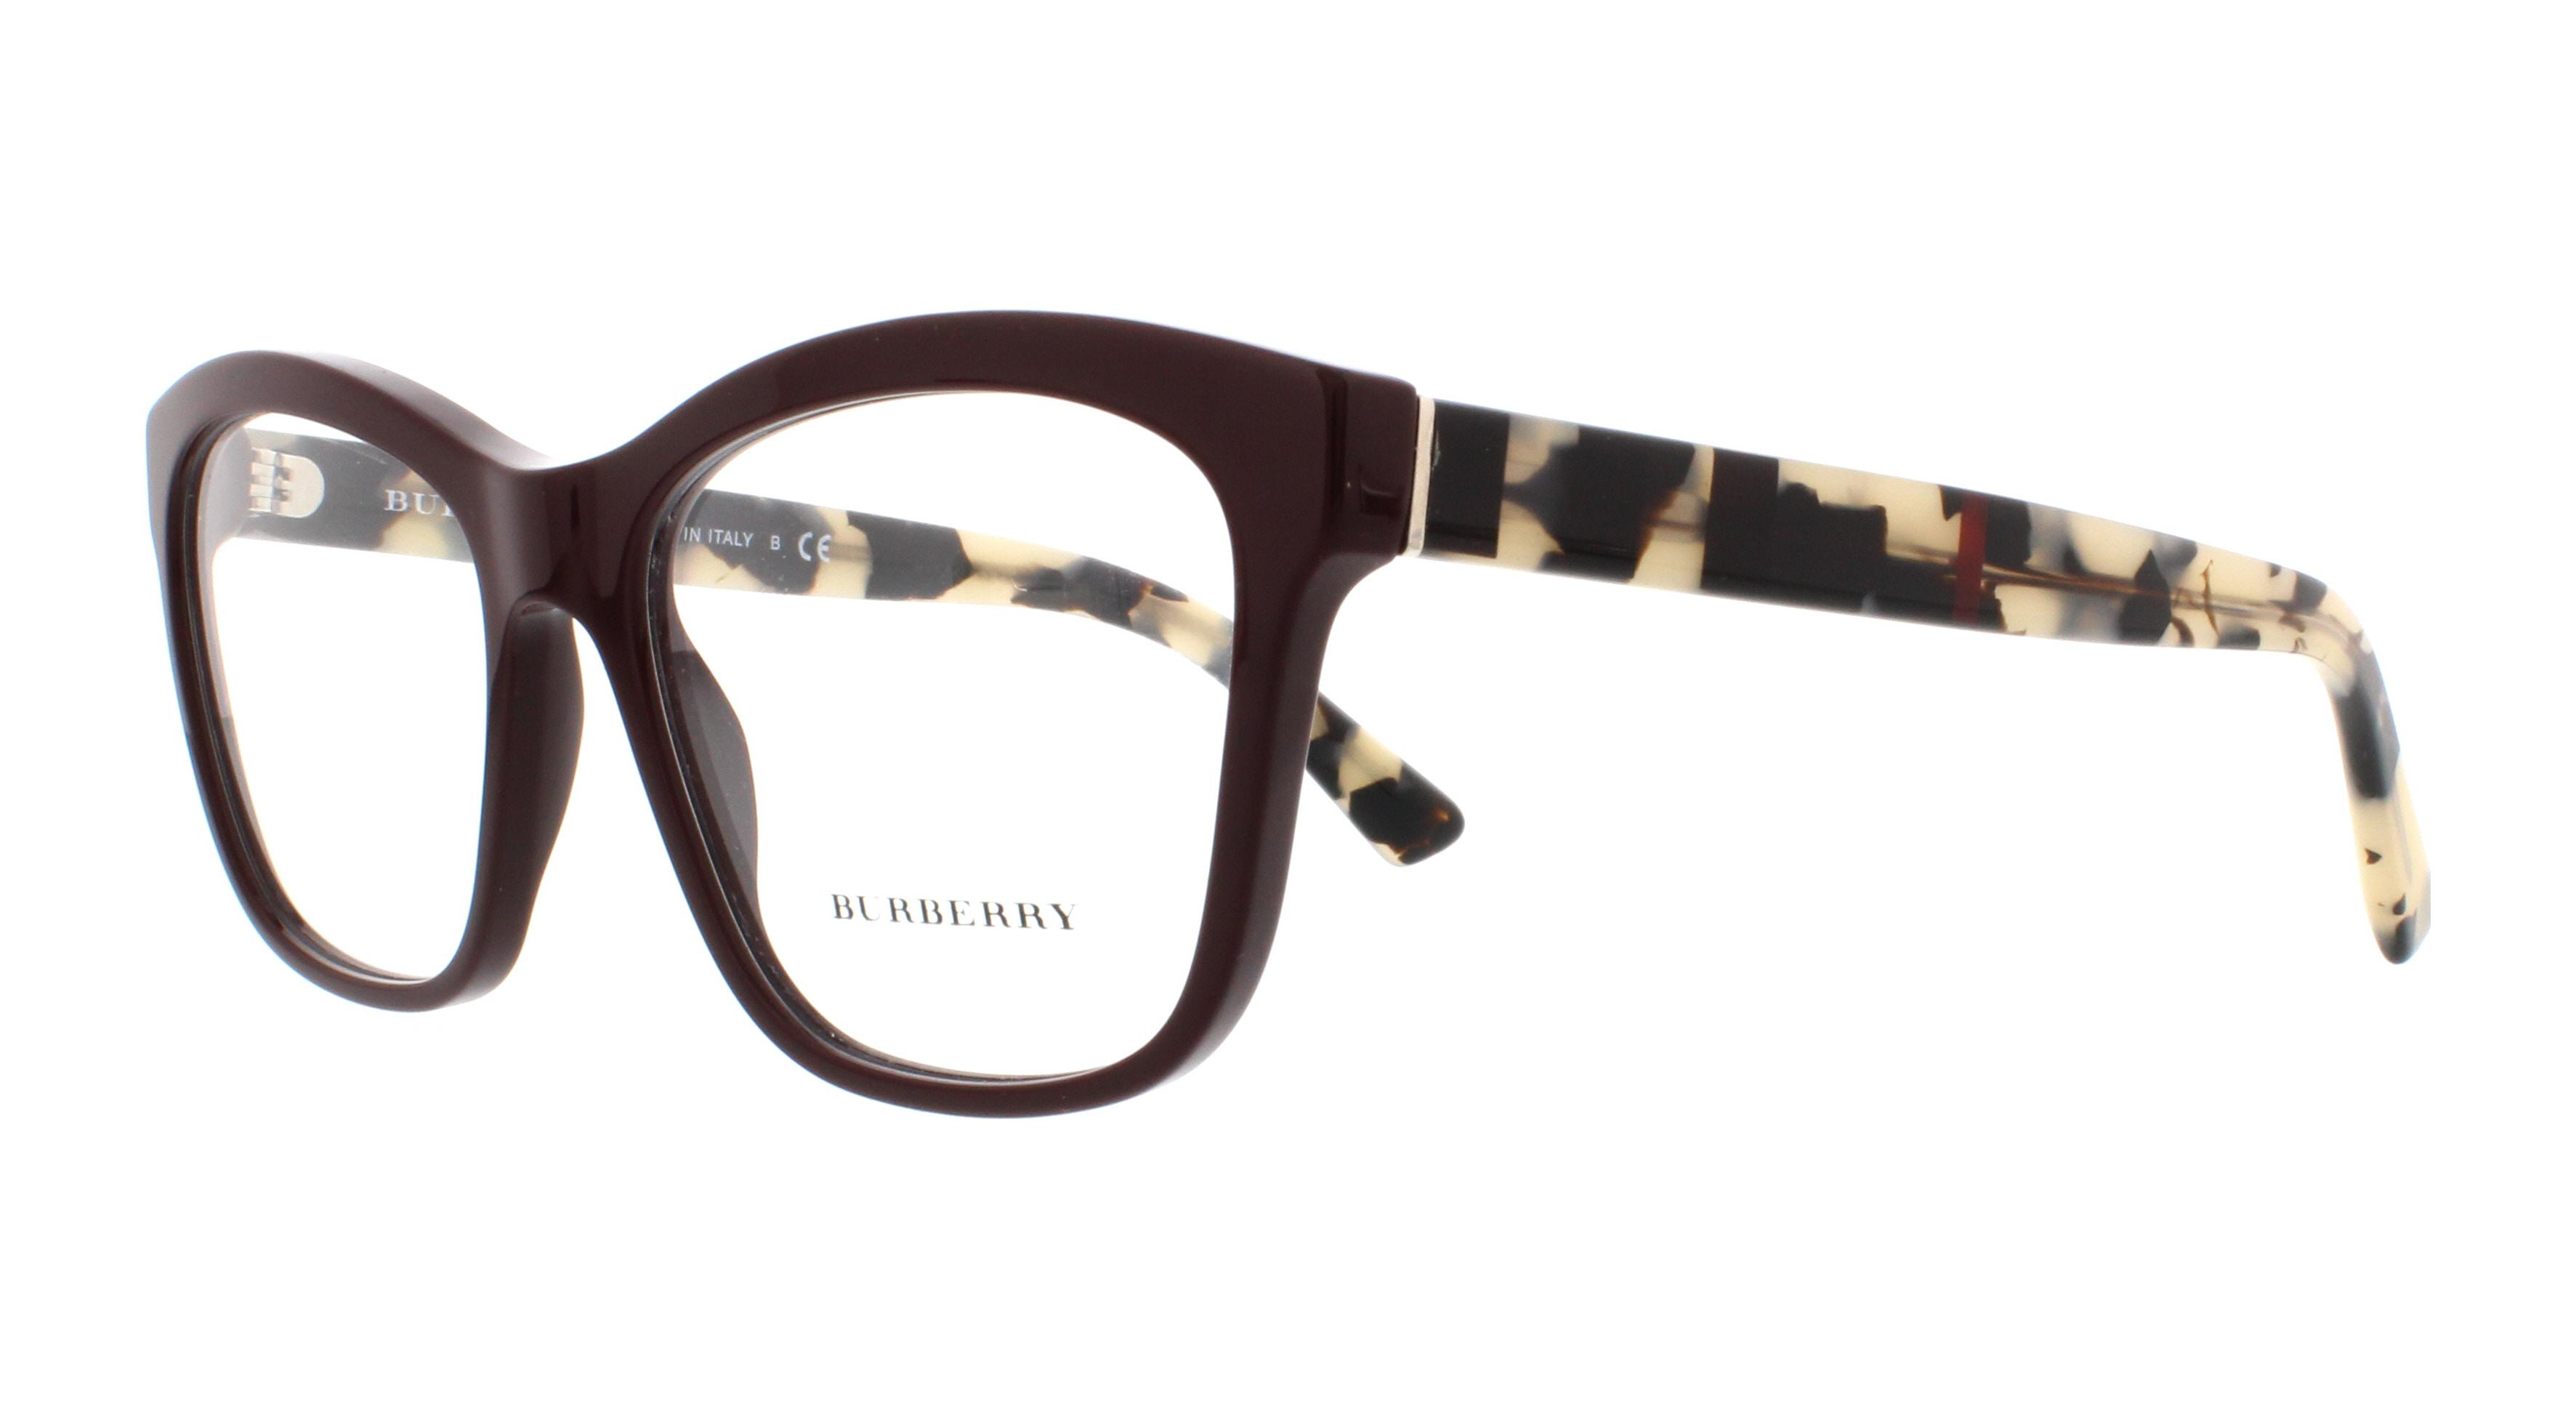 BURBERRY Eyeglasses BE2227 3602 Bordeaux 54MM - Walmart.com 5a17cc4f8d10